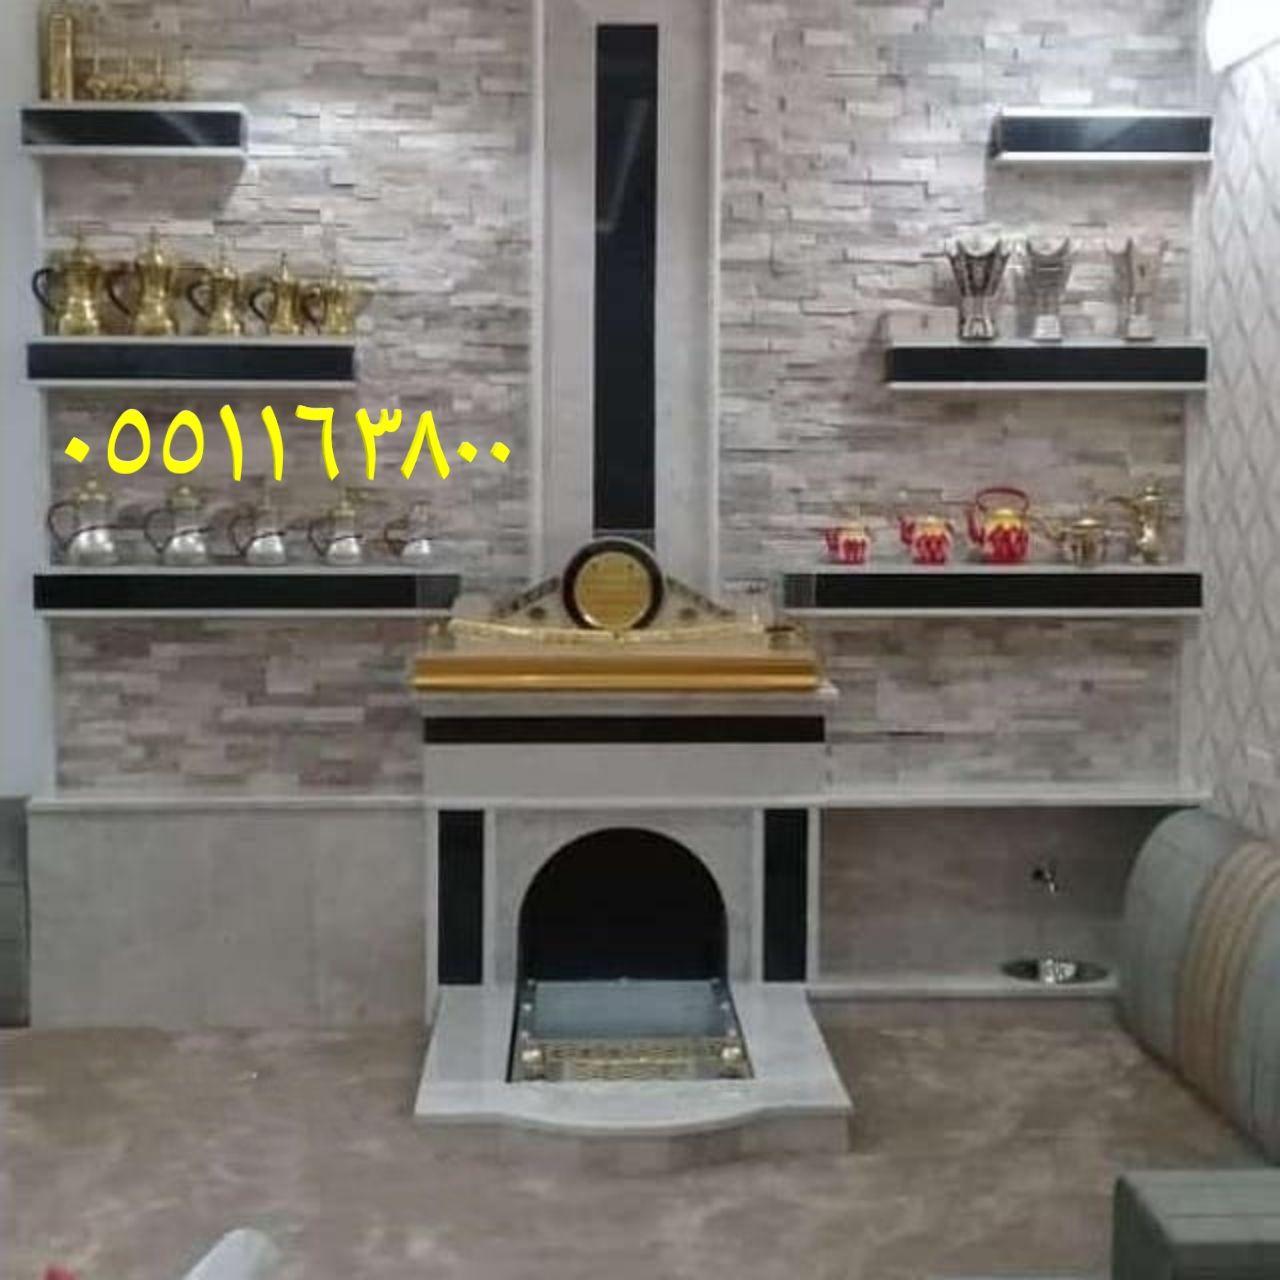 صور مشبات صورمشبات صورمشبات رخام صورديكورات مشبات صورمشبات حجر صور مشب صورمشب صورمشبات جبس صوراشكال مشبات جديده صورمشبات رخام صورمش Home Decor Home Fireplace